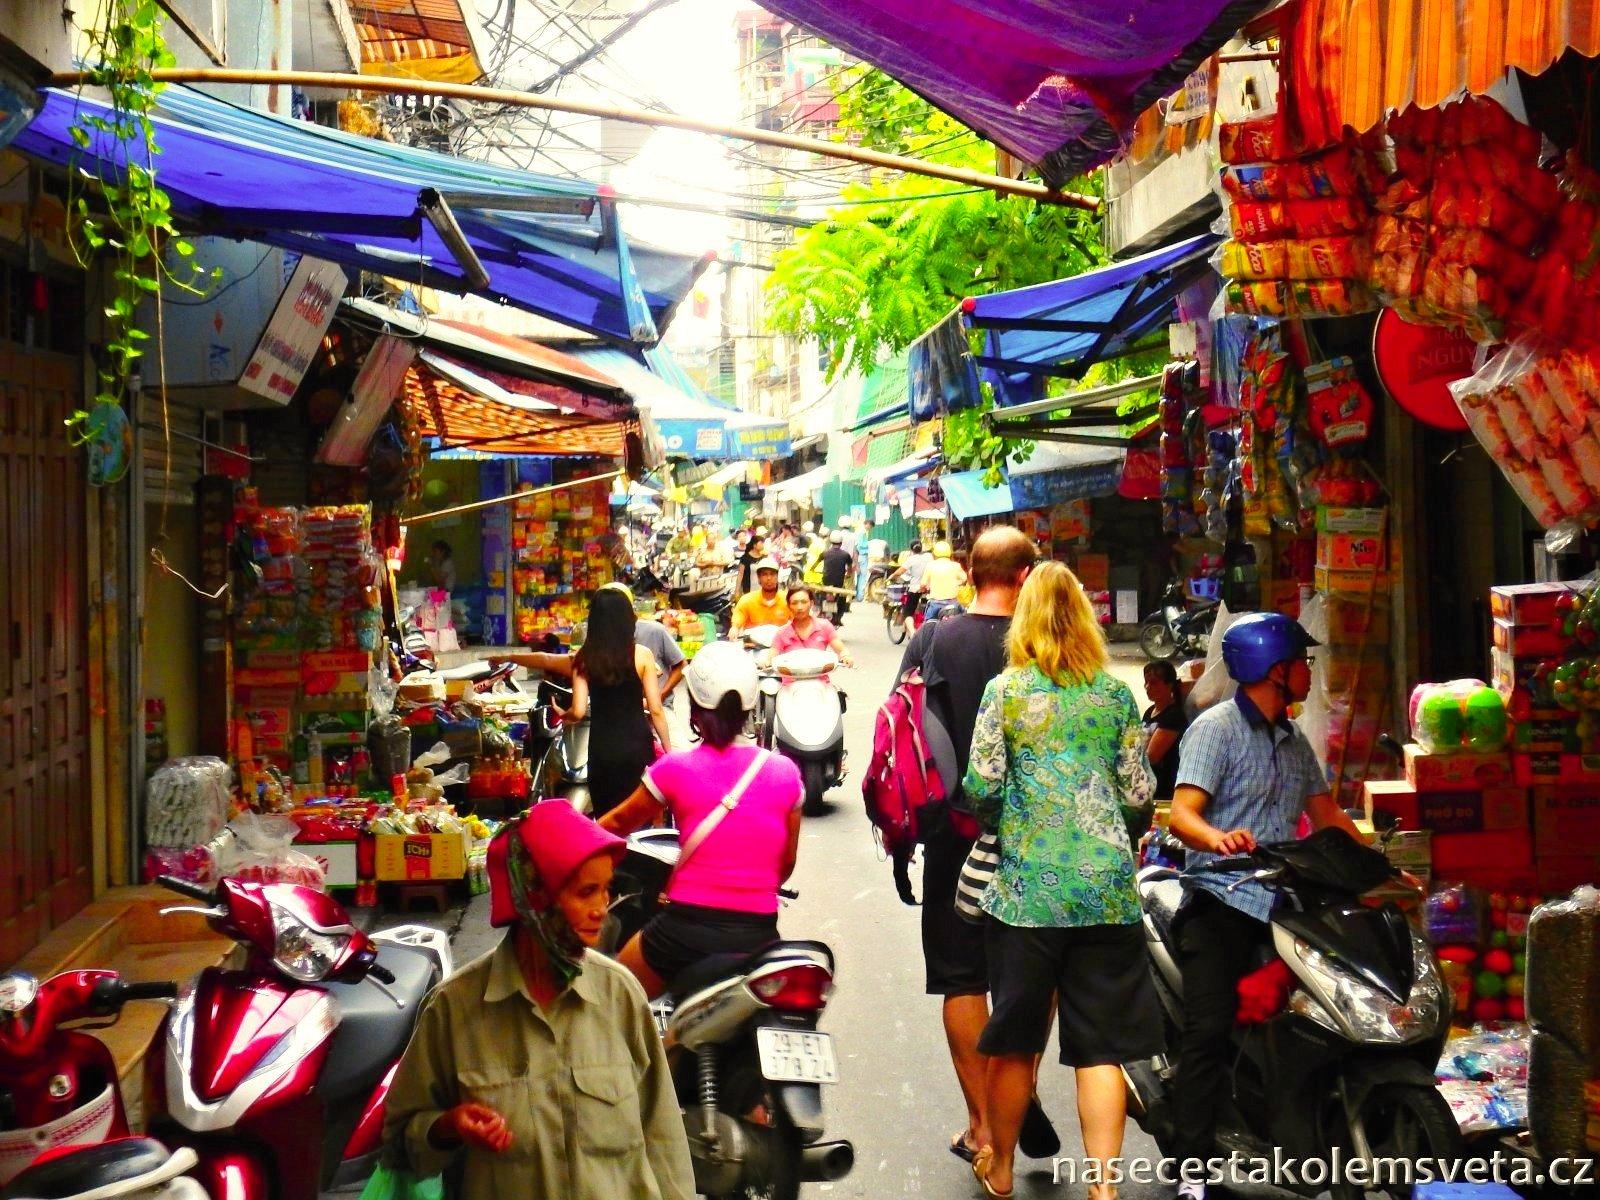 Hanojské ulice